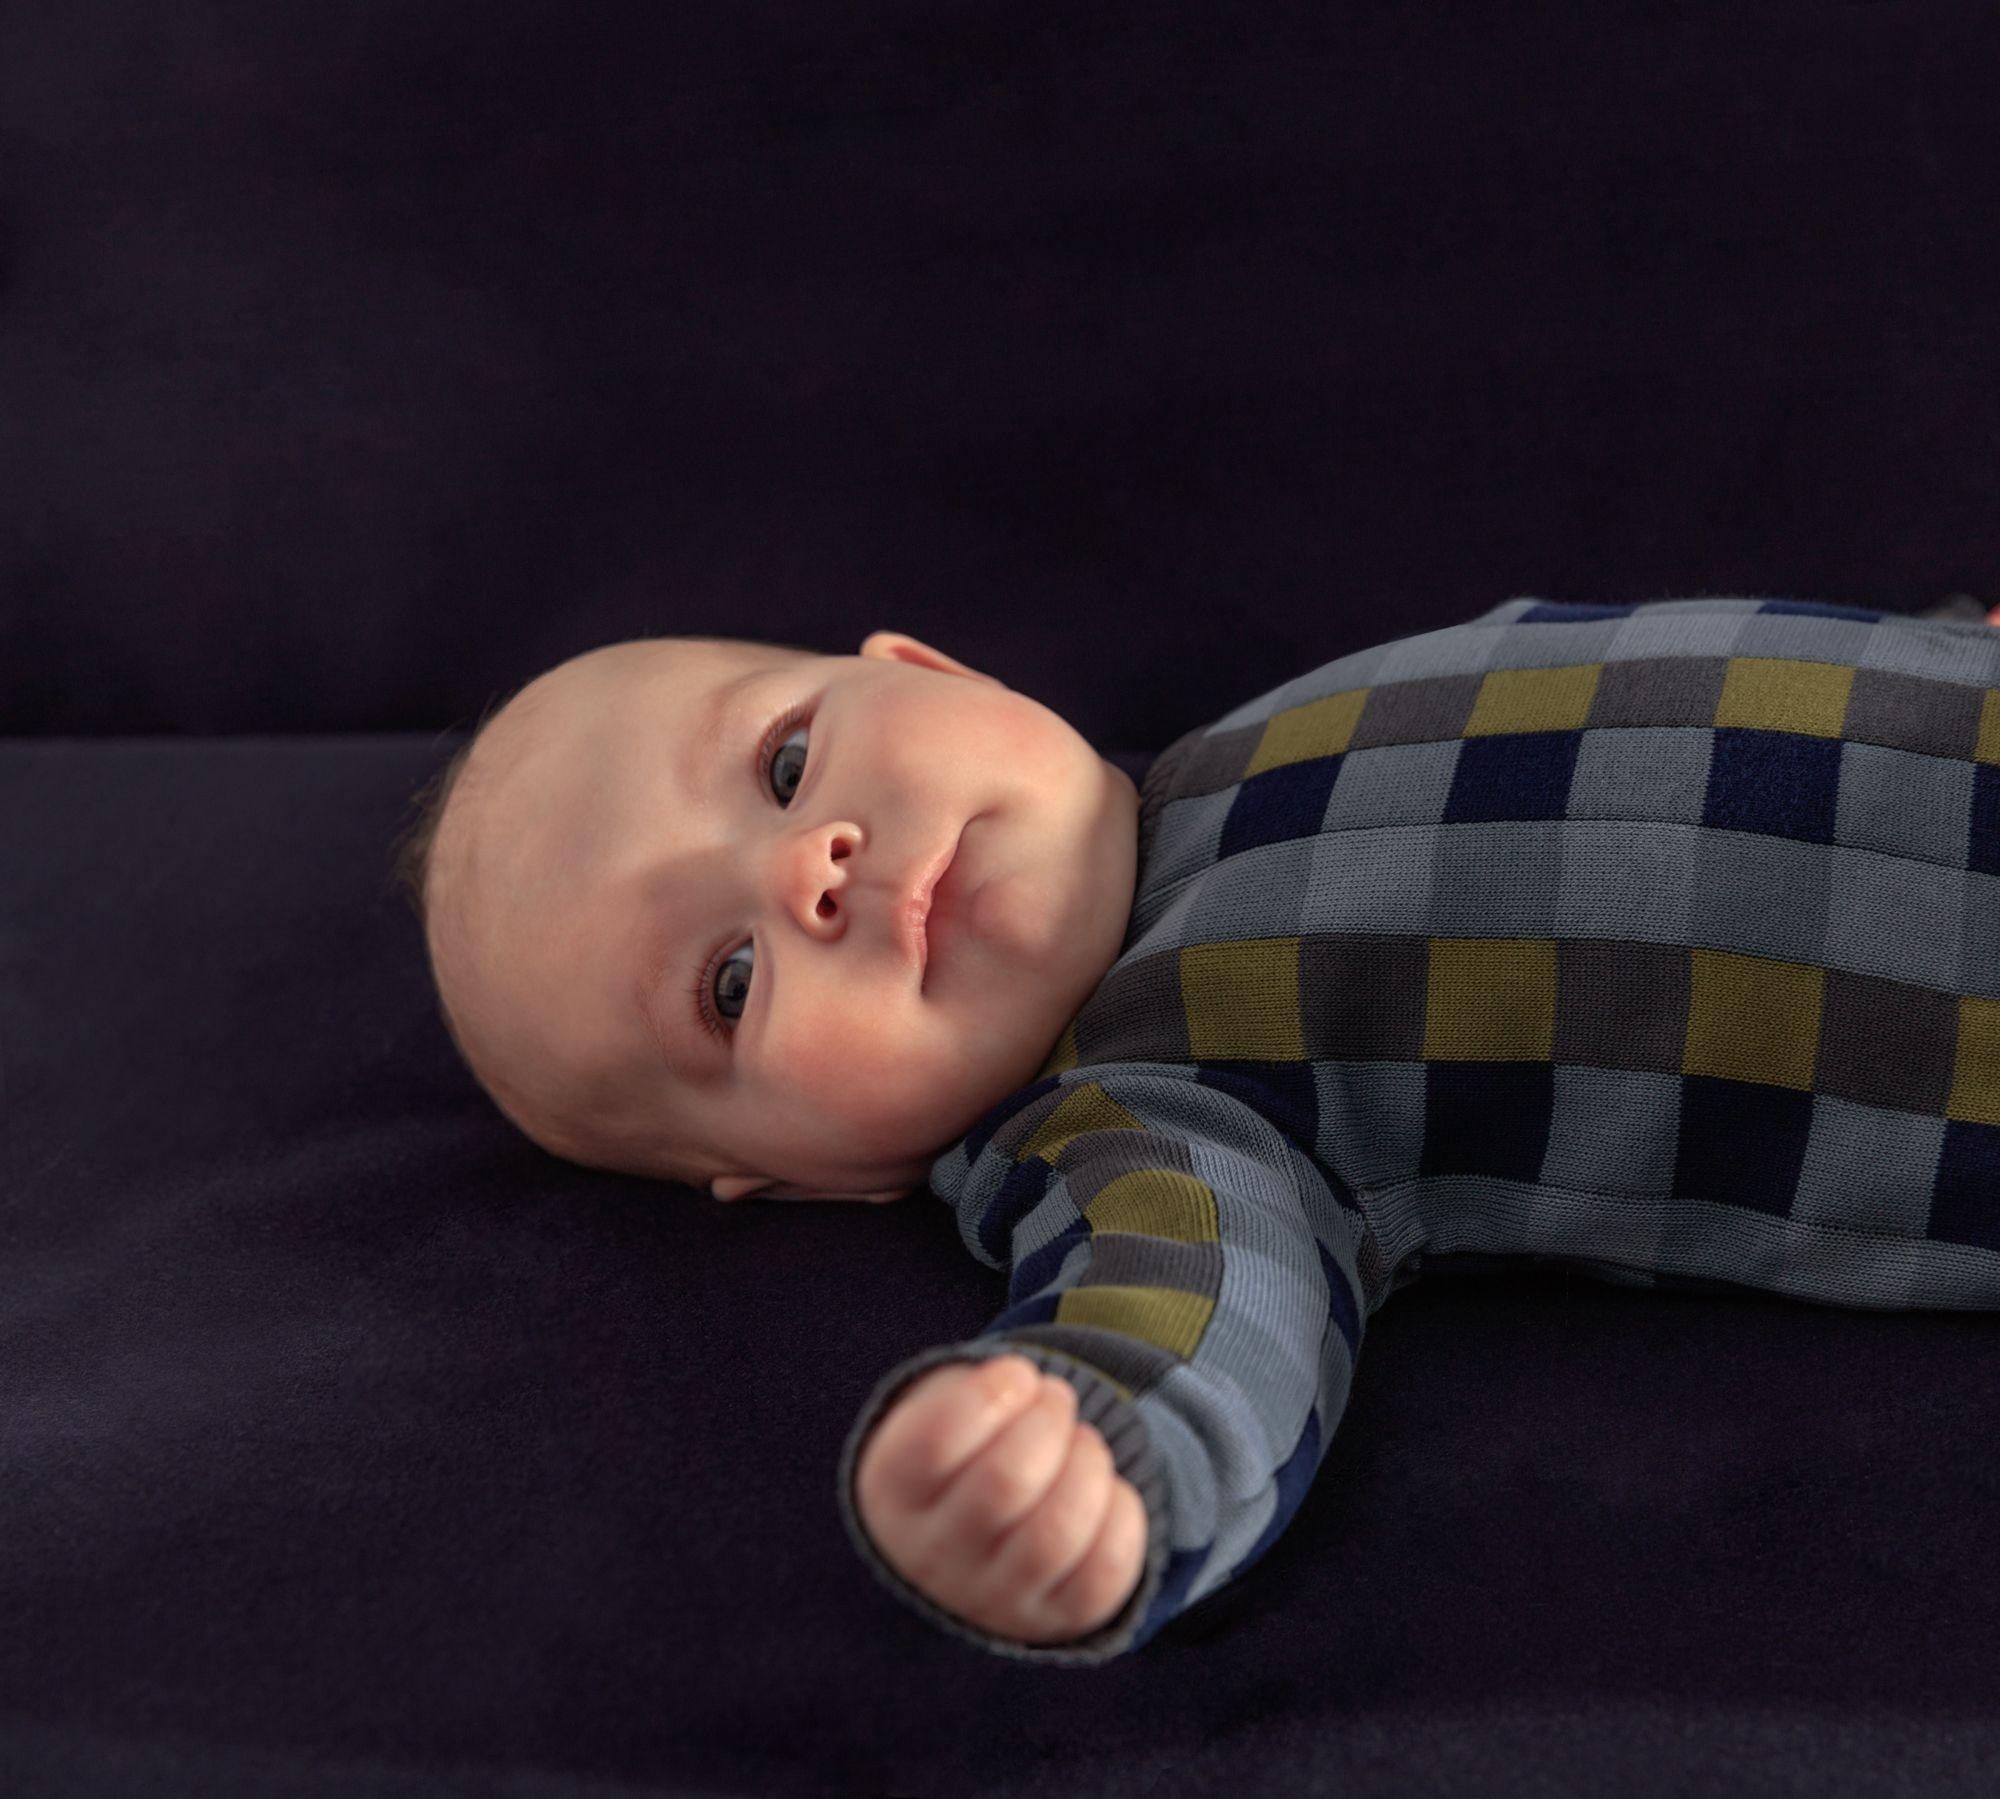 Pin Van Impsandelfs Op Fw16 Baby Met Afbeeldingen